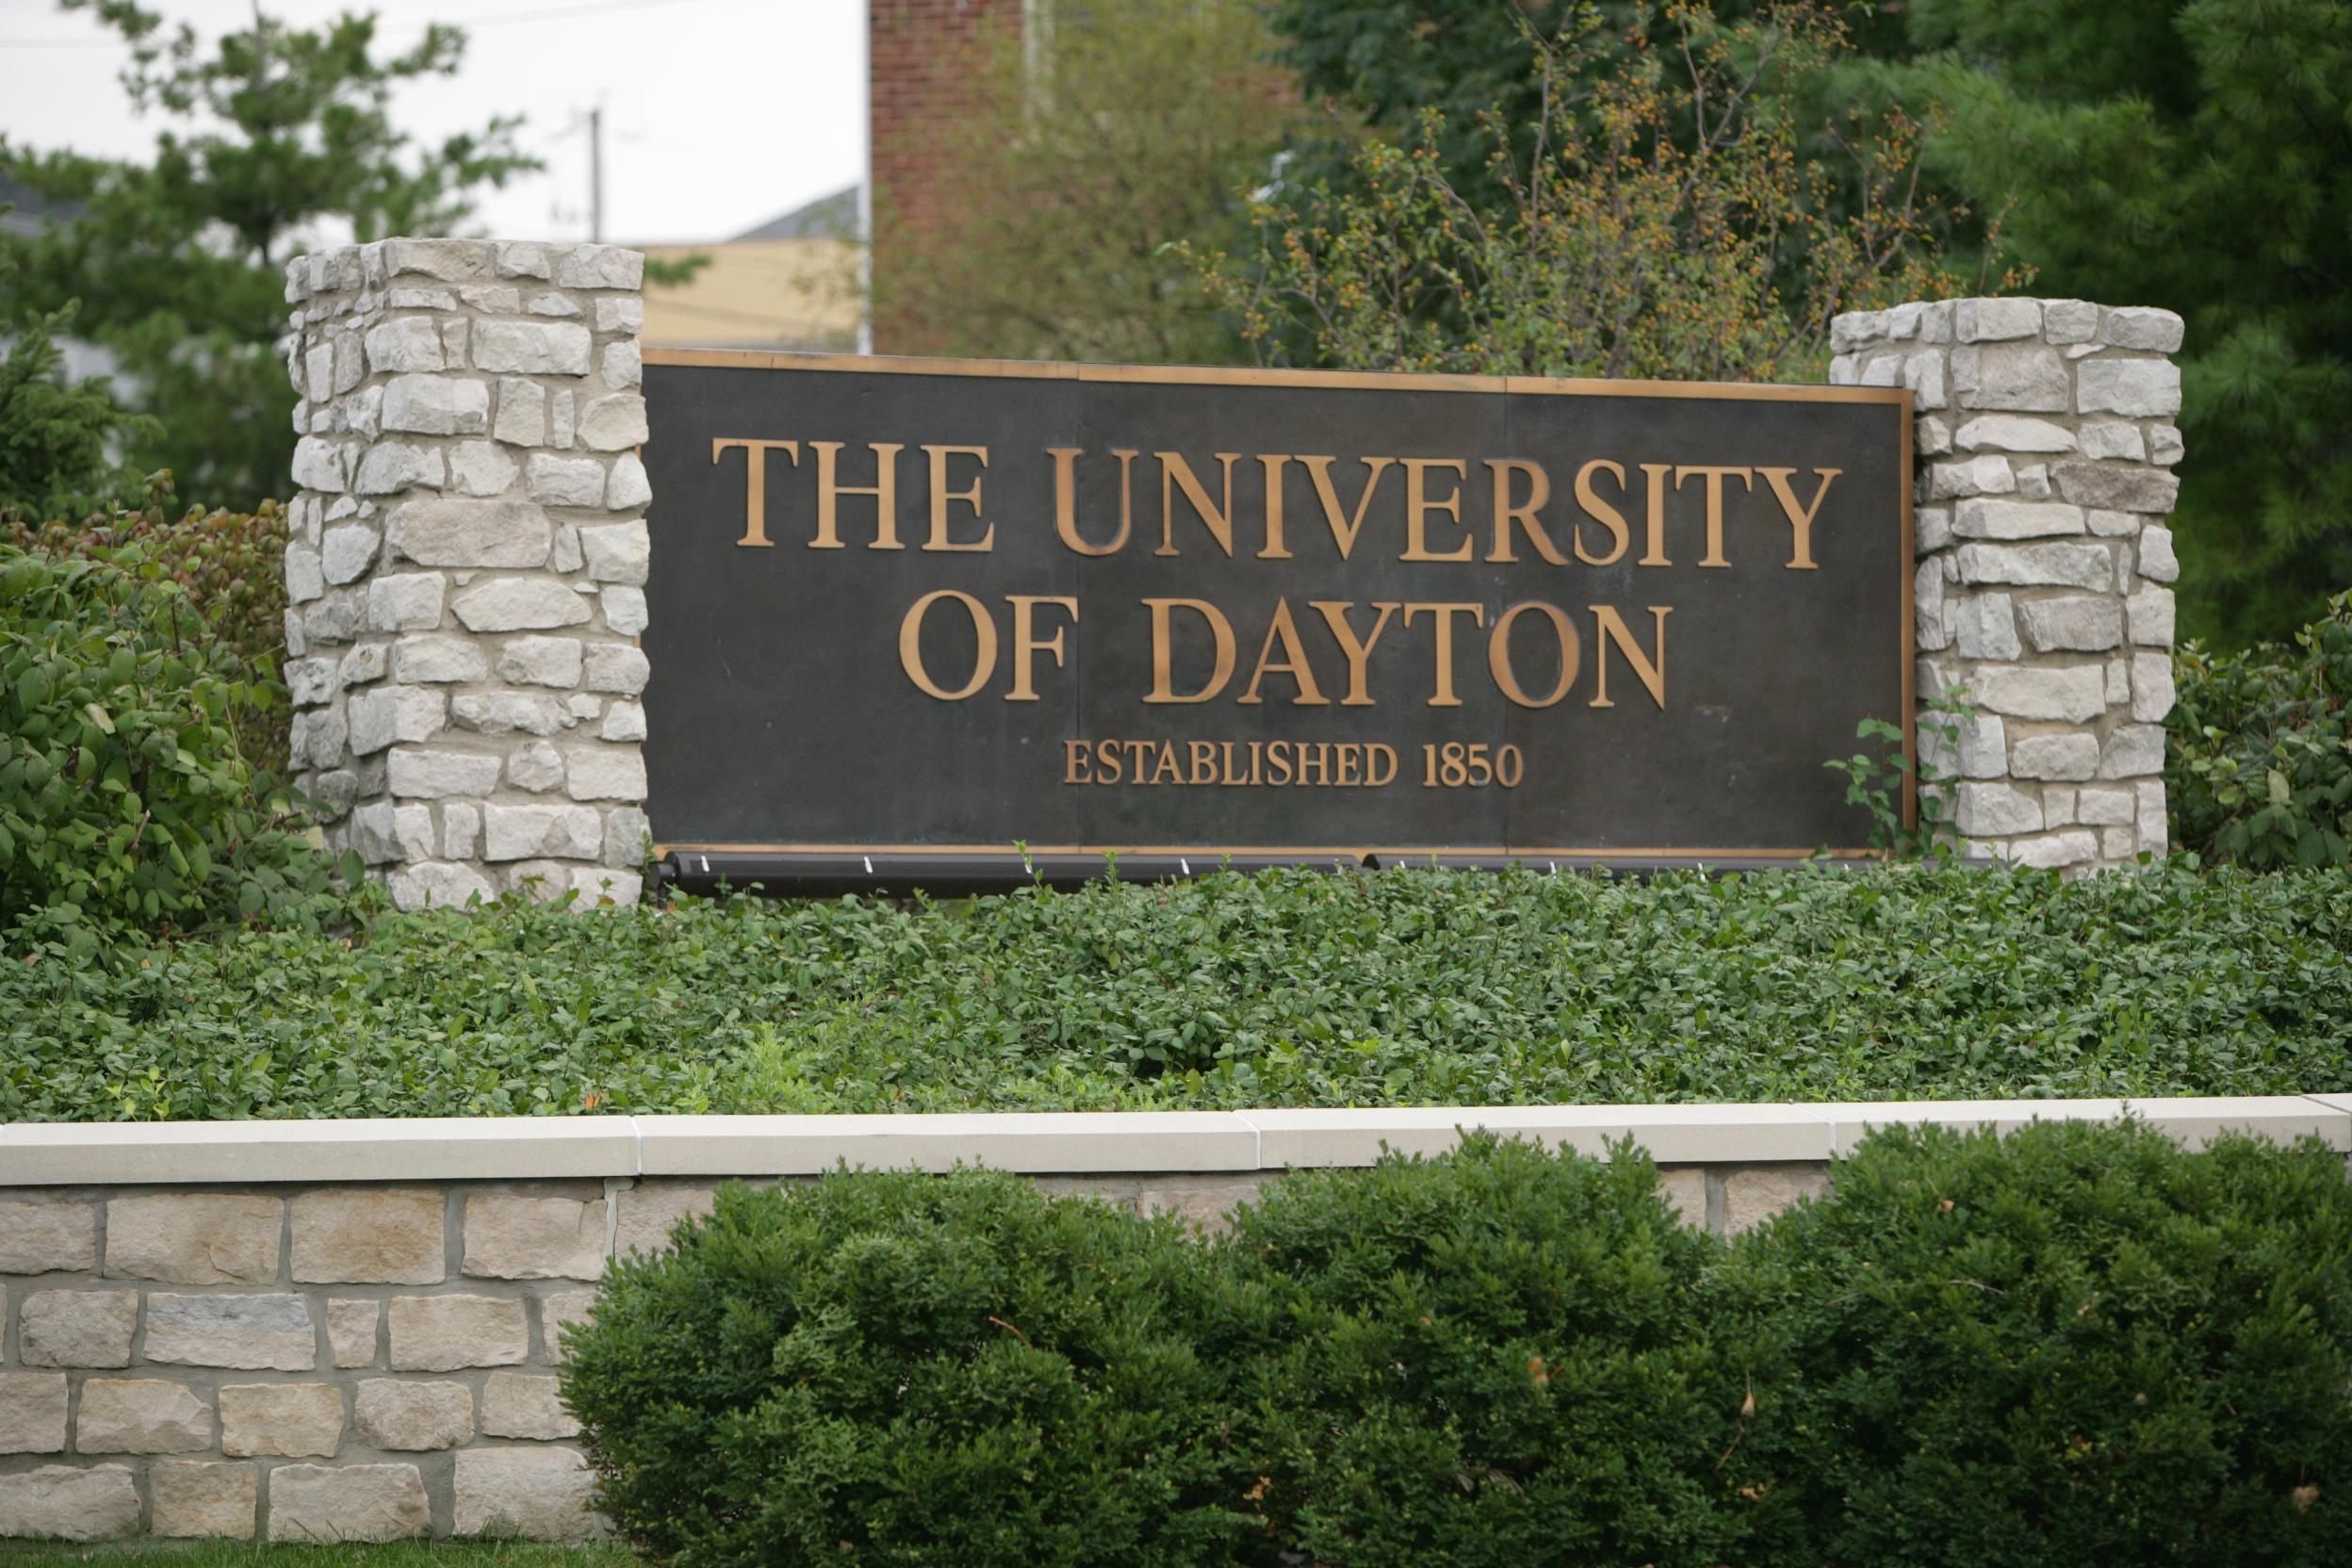 University sign photo